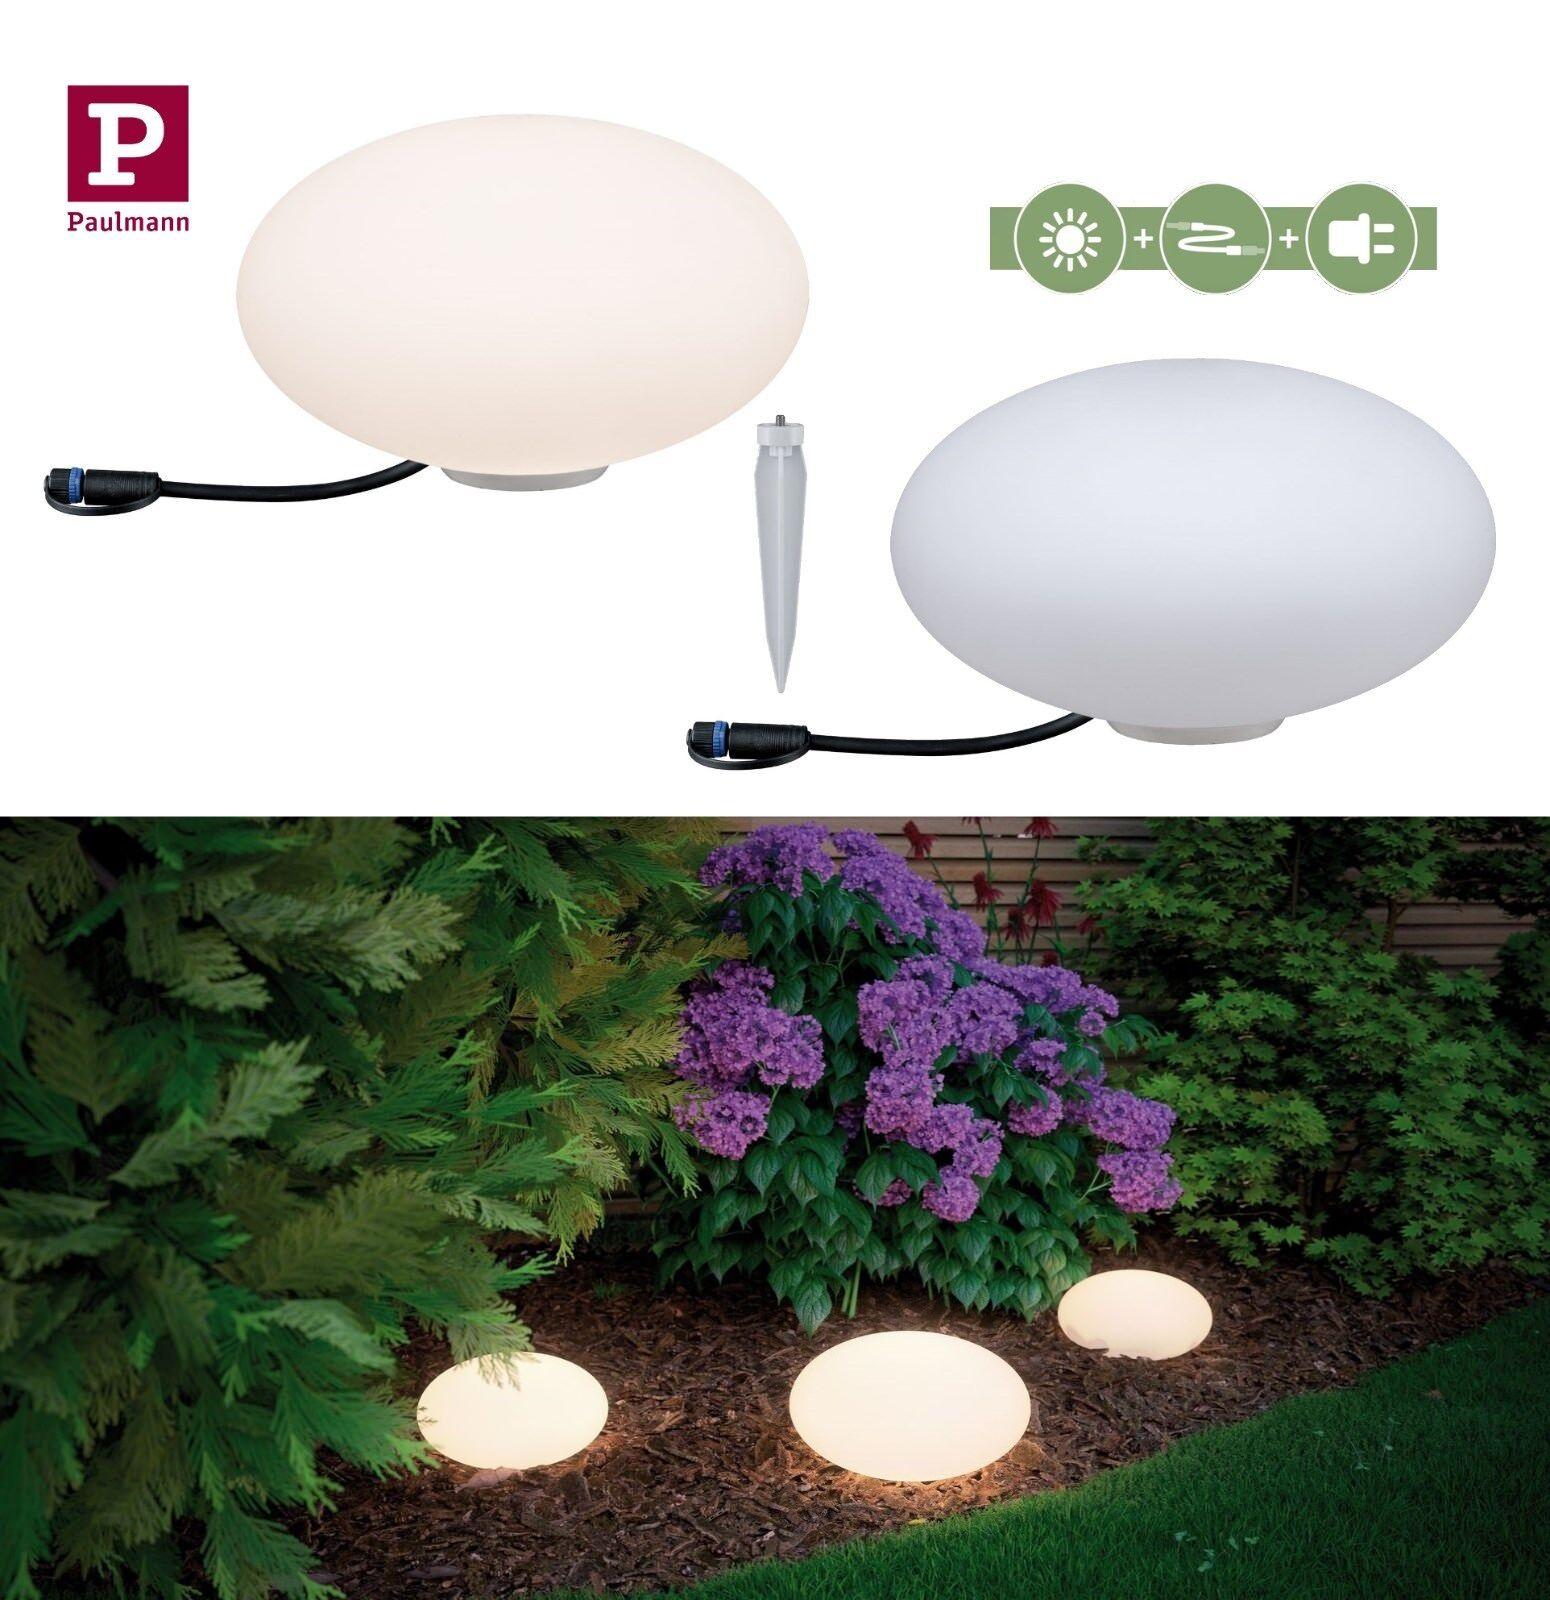 Paulmann Plug&Shine Lichtobjekt Stone IP67 3000K 2,8W 24V D35cm IP67 Dimmbar | Vielfalt  | Wir haben von unseren Kunden Lob erhalten.  | München